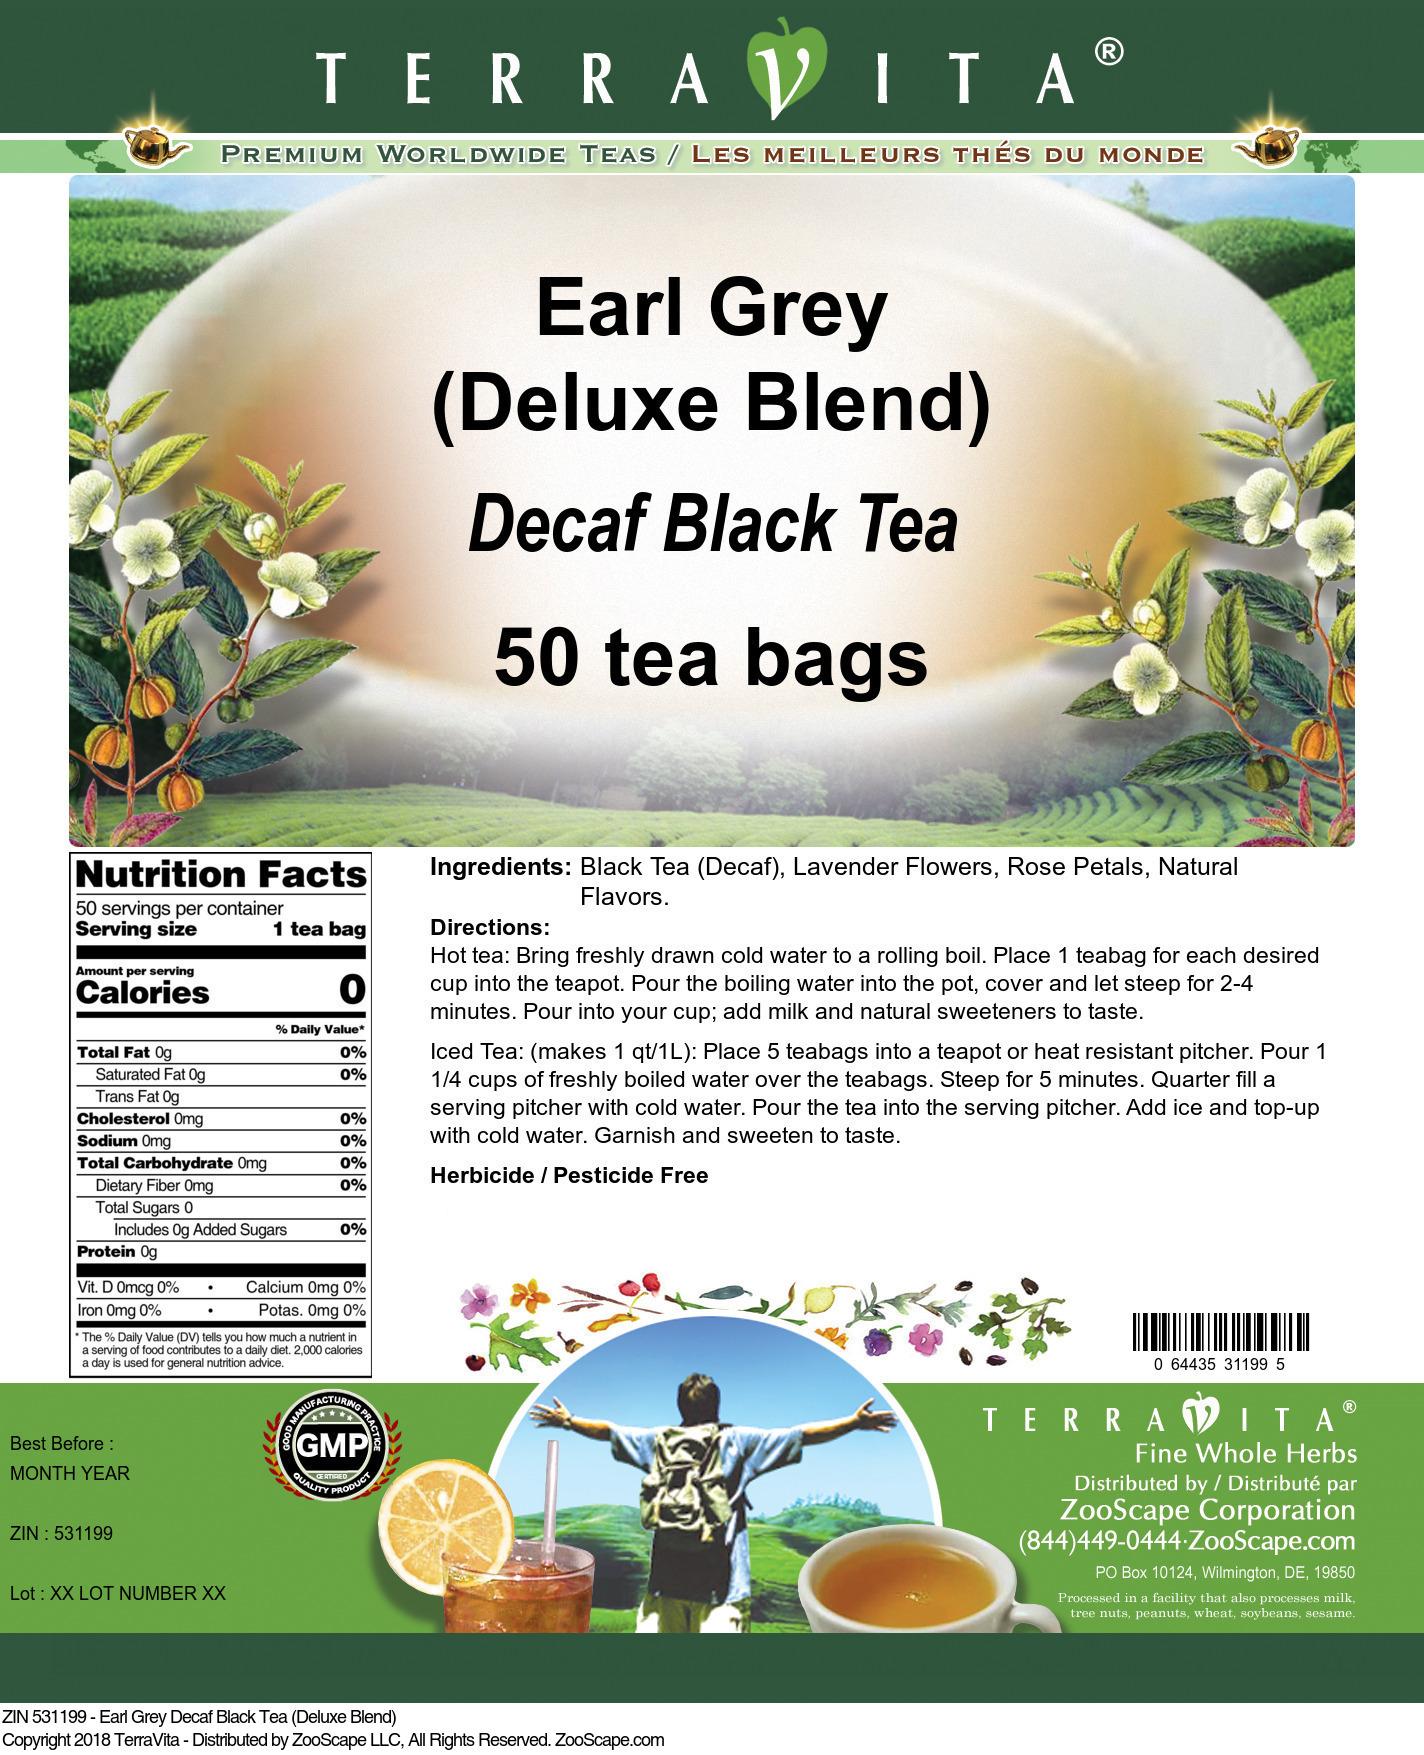 Earl Grey Decaf Black Tea (Deluxe Blend)